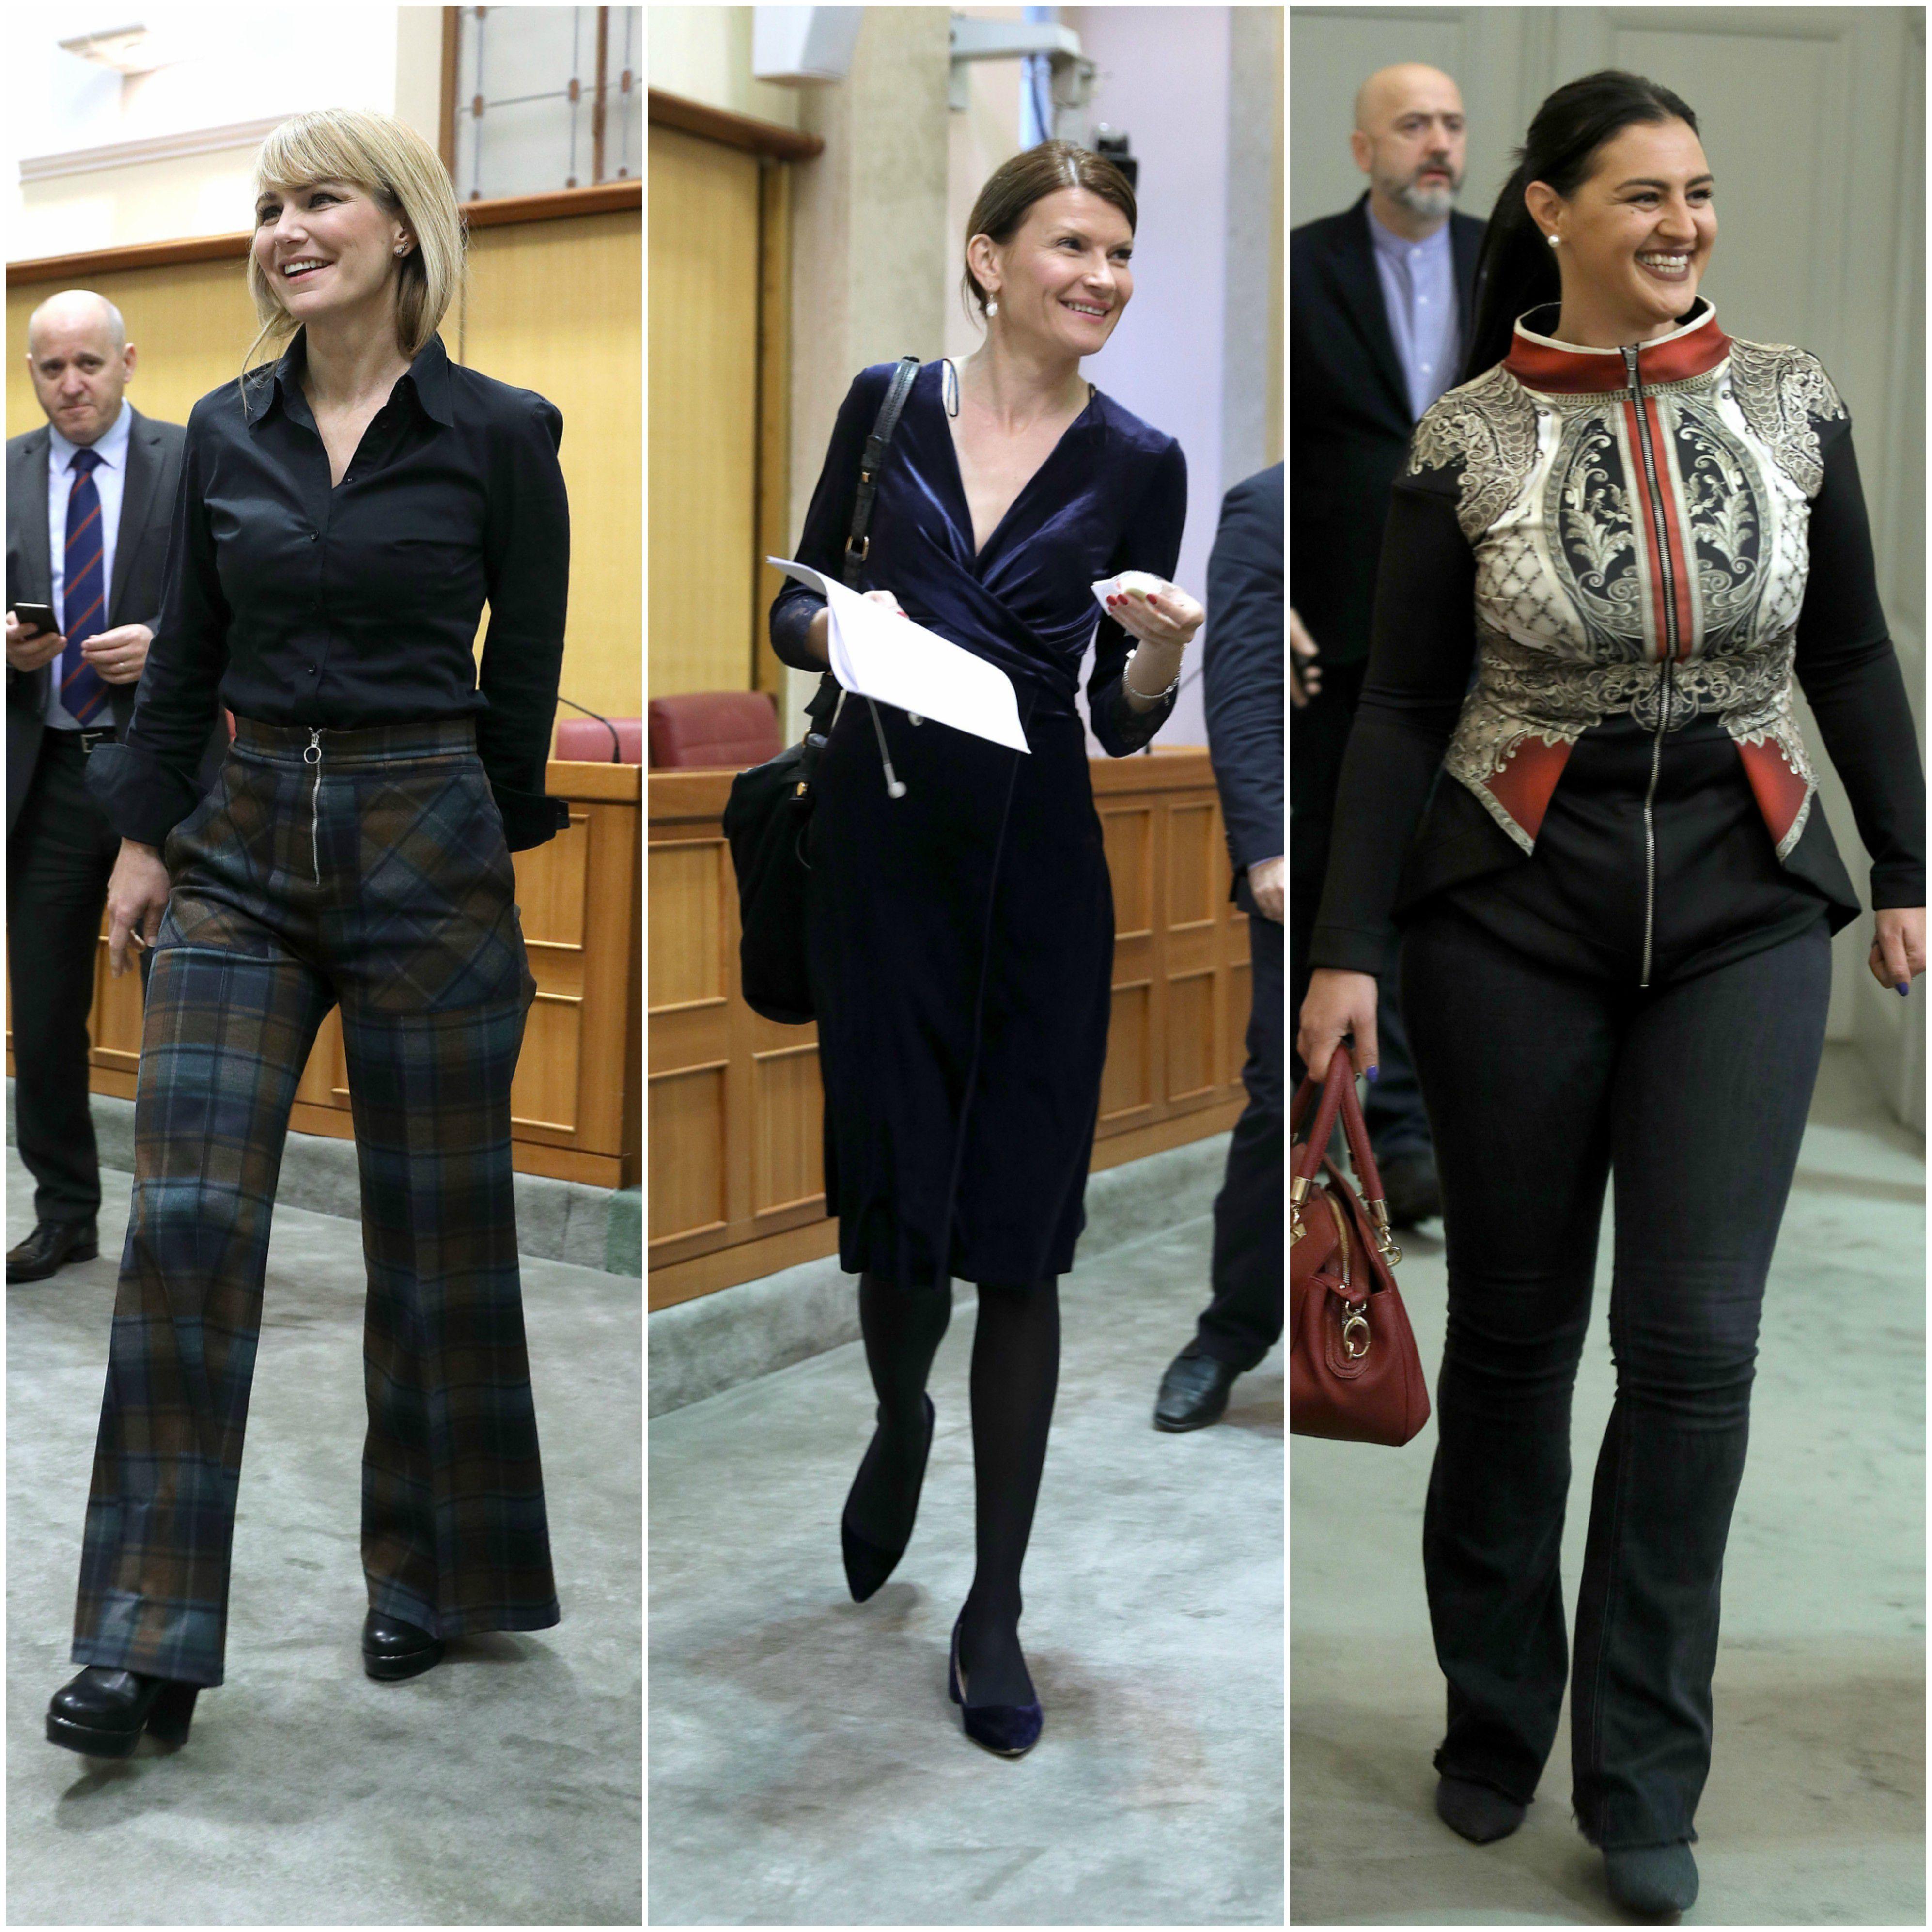 Saborska moda: Što zastupnice nose na posljednjoj aktualnoj sjednici Sabora?